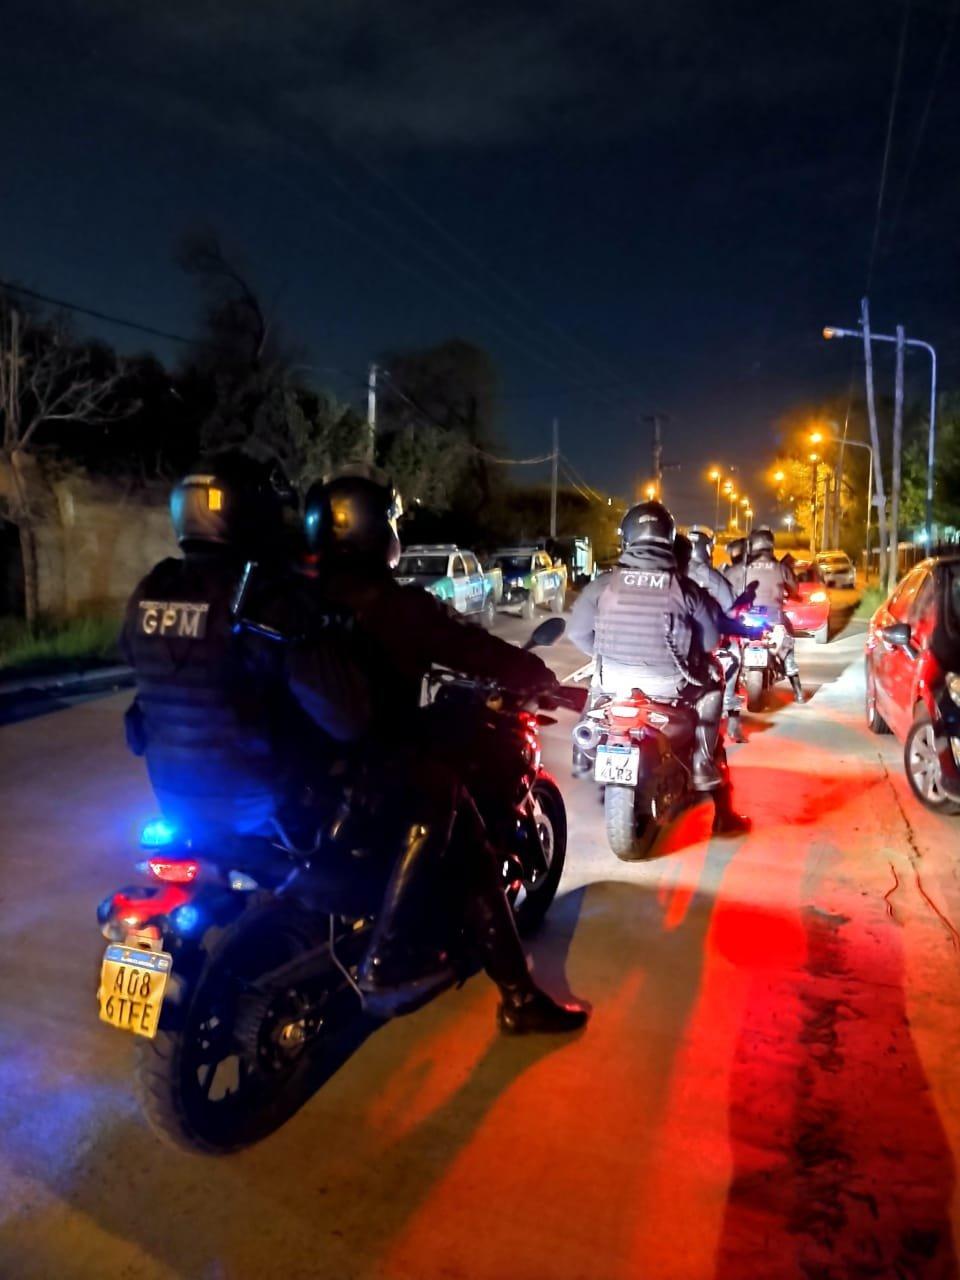 Gran operativo policial en Moreno: Tras 20 allanamientos secuestraron 11 armas y 800 dosis de cocaína y marihuana.